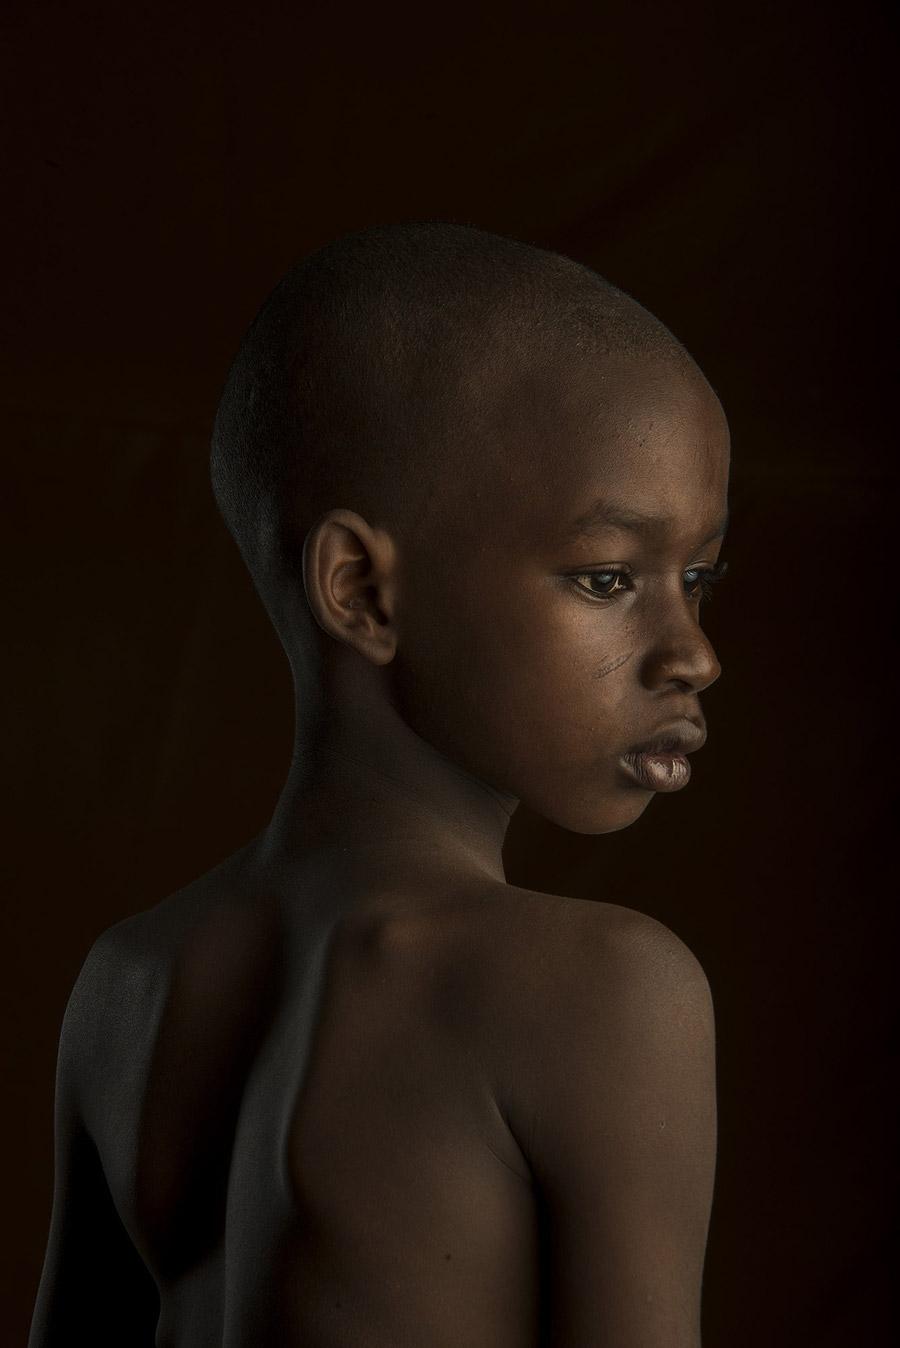 Джереми Лок, США / Jeremy Lock, US, 1-место в категории «Новорожденные и дети», Фотоконкурс Rangefinder «Портрет» (Rangefinder the Portrait)